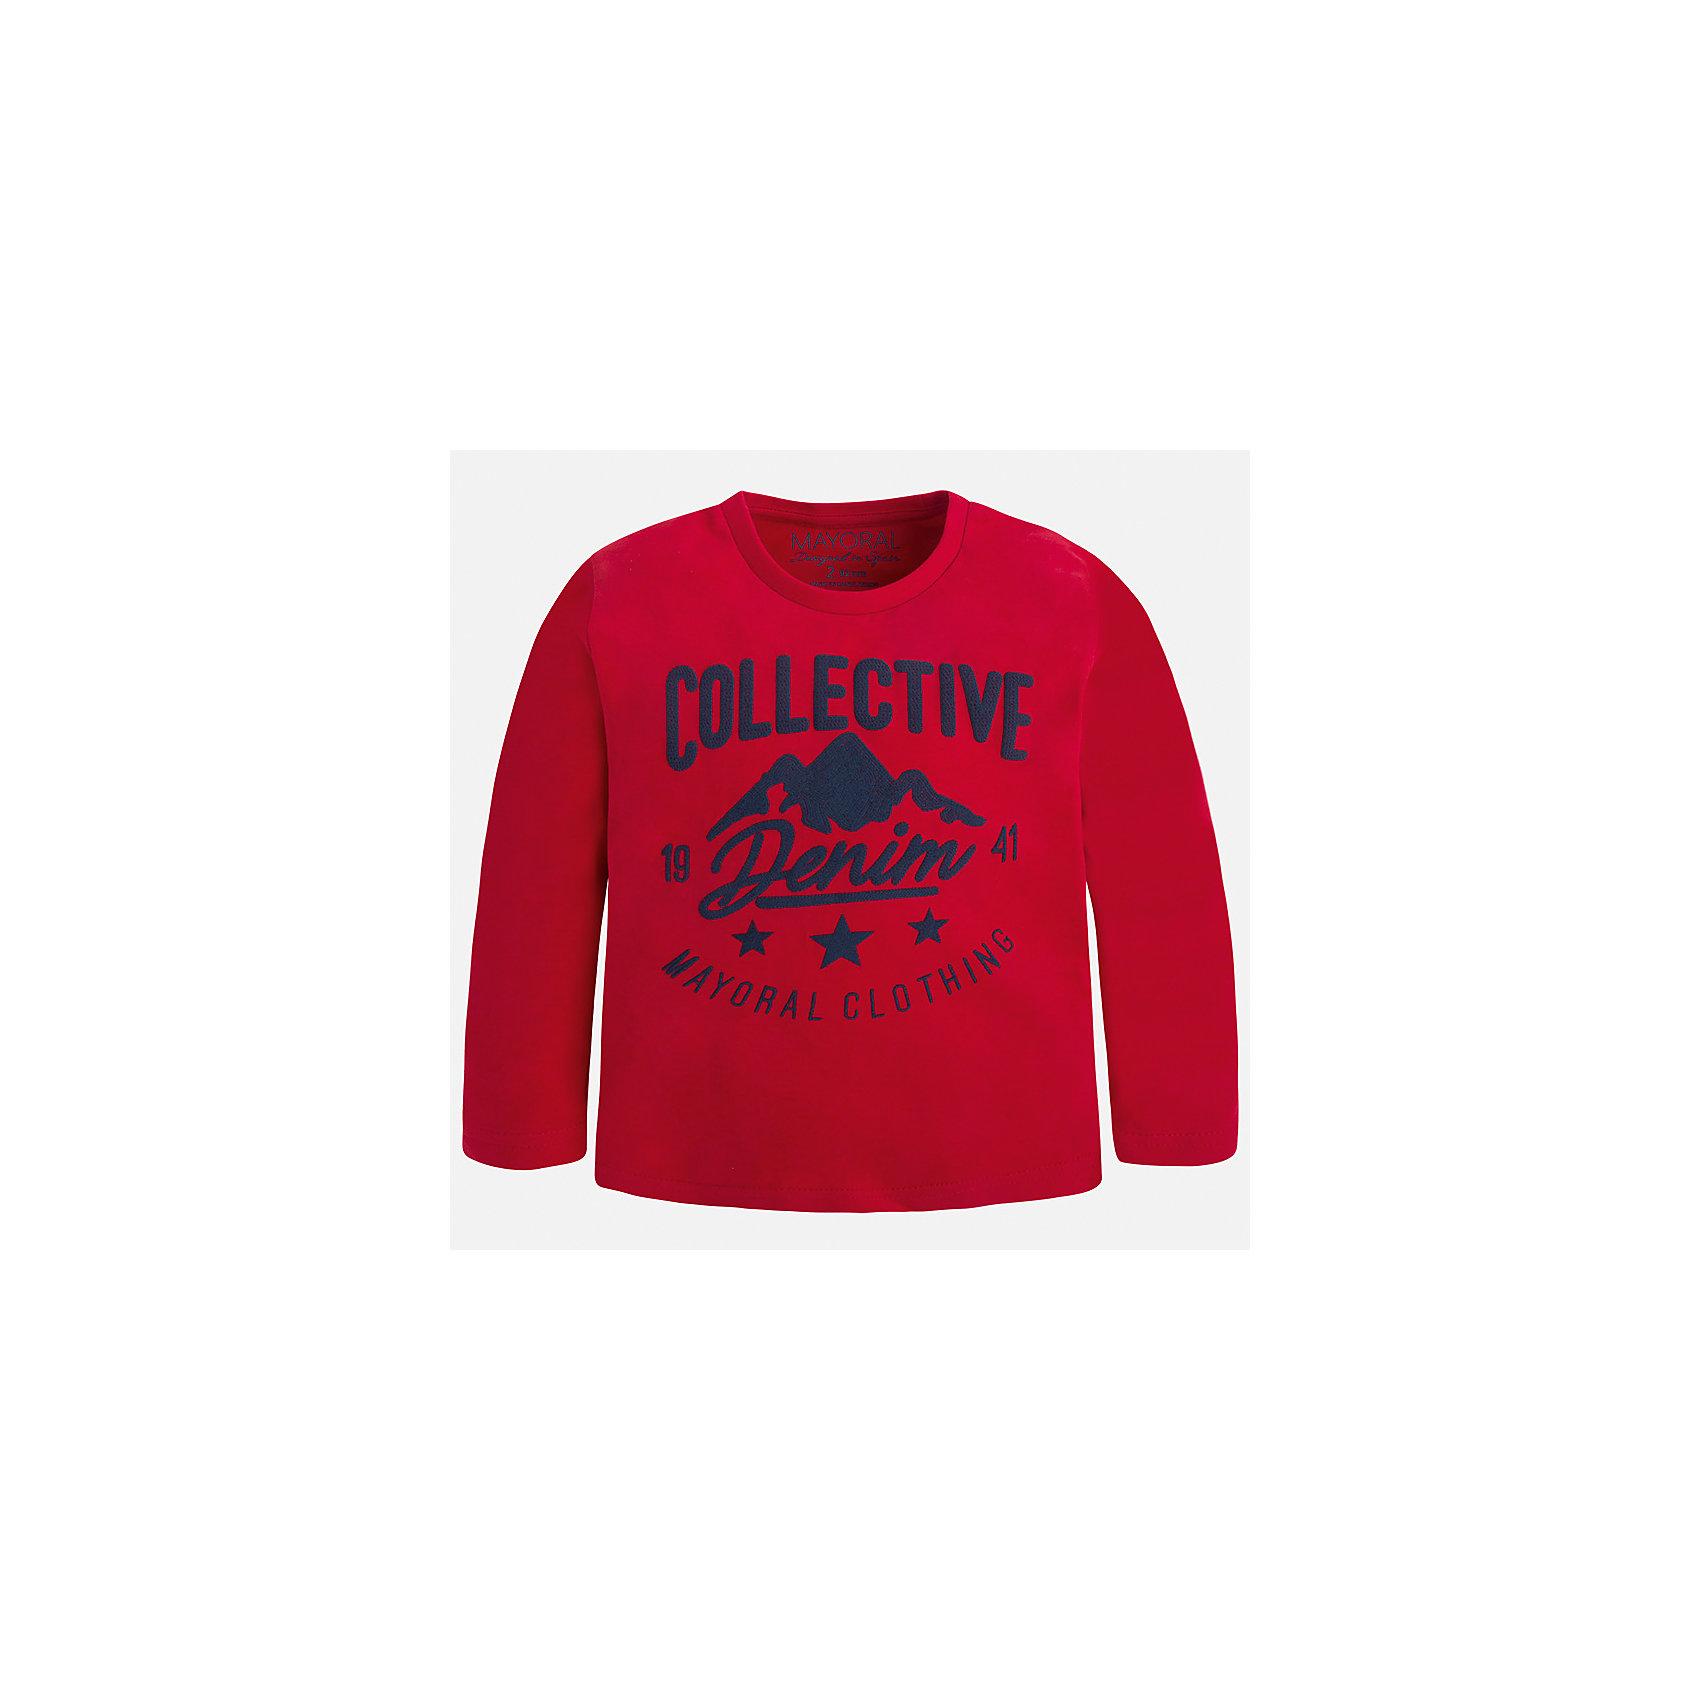 Футболка с длинным рукавом для мальчика MayoralФутболки с длинным рукавом<br>Характеристики товара:<br><br>• цвет: красный;<br>• состав ткани: 100% хлопок;<br>• длинный рукав;<br>• рисунок: прорезиненный принт;<br>• сезон: демисезон;<br>• страна бренда: Испания;<br>• страна изготовитель: Бангладеш.<br><br>Лонгслив для мальчика от популярного бренда Mayoral, ткань из эластичного 100% хлопка, приятная на ощупь и декорированая принтом. Имеет круглый вырез. Очень практичный и долгий в носке, цвет нетускнеет, смотрится аккуратно и стильно. Лонгслив идеально подходит для повседневной одежды как дома, так и на прогулку.<br><br>Для производства детской одежды популярный бренд Mayoral используют только качественную фурнитуру и материалы. Оригинальные и модные вещи от Майорал неизменно привлекают внимание и нравятся детям.<br><br>Лонгслив для мальчика Mayoral (Майорал) можно купить в нашем интернет-магазине.<br><br>Для производства детской одежды популярный бренд Mayoral используют только качественную фурнитуру и материалы. Оригинальные и модные вещи от Майорал неизменно привлекают внимание и нравятся детям.<br><br>Лонгслив для мальчика Mayoral (Майорал) можно купить в нашем интернет-магазине.<br><br>Ширина мм: 230<br>Глубина мм: 40<br>Высота мм: 220<br>Вес г: 250<br>Цвет: красный<br>Возраст от месяцев: 18<br>Возраст до месяцев: 24<br>Пол: Мужской<br>Возраст: Детский<br>Размер: 92,134,128,122,116,110,104,98<br>SKU: 6931742